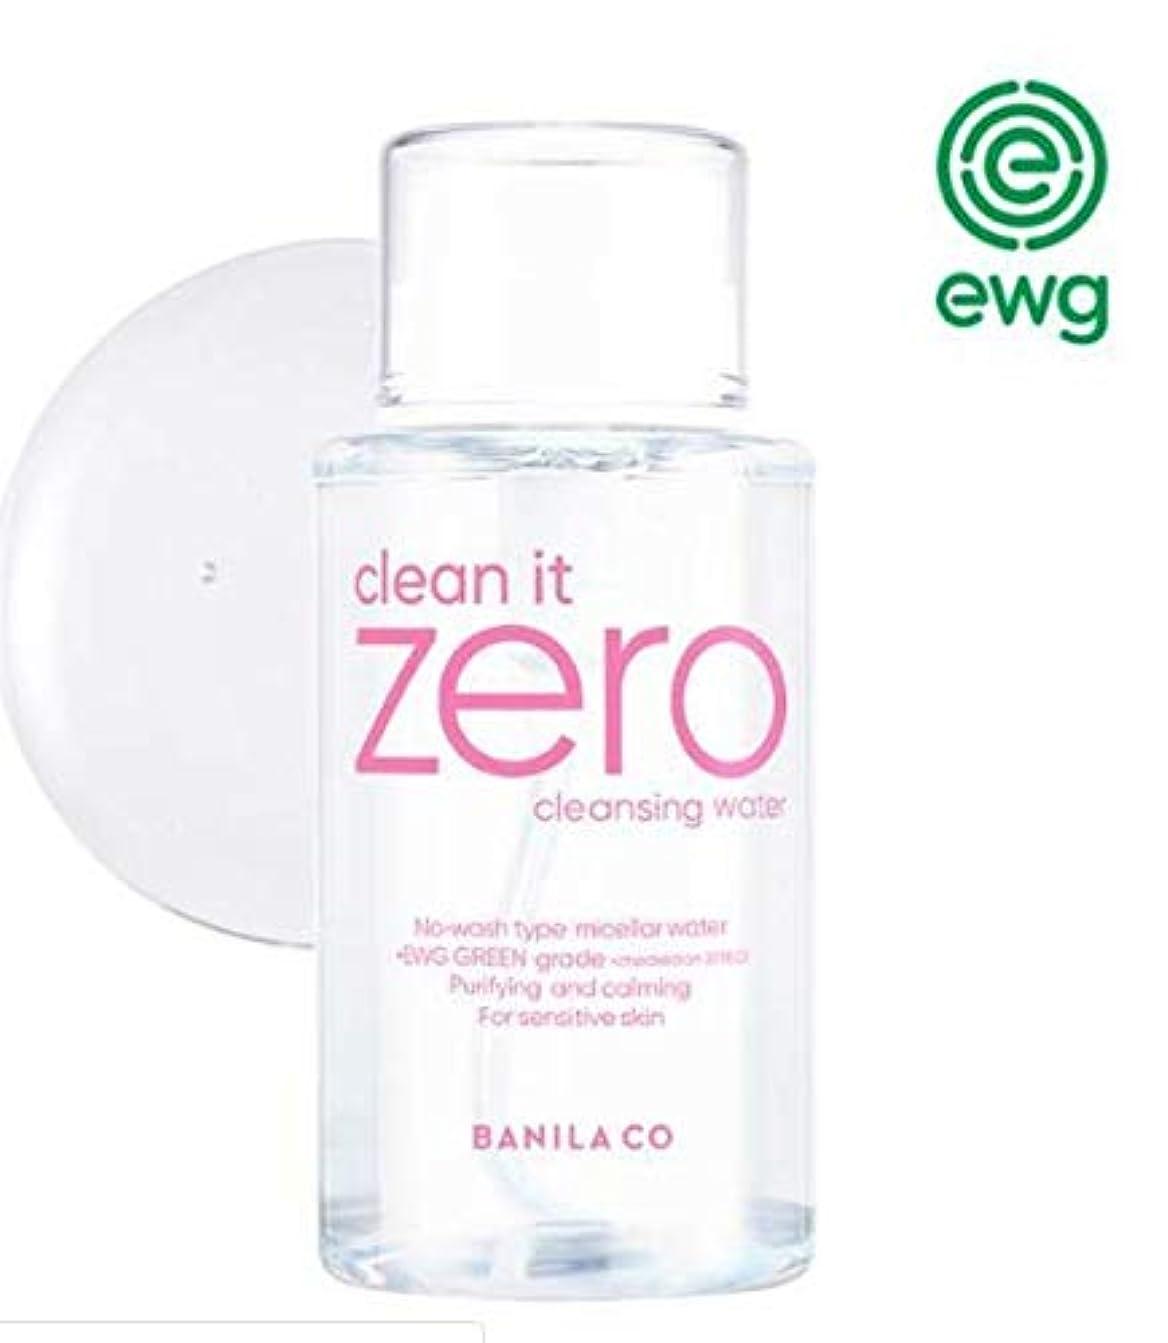 私たち独創的想像力豊かなbanilaco クリーンイットゼロクレンジングウォーター/Clean It Zero Cleansing Water 310ml [並行輸入品]